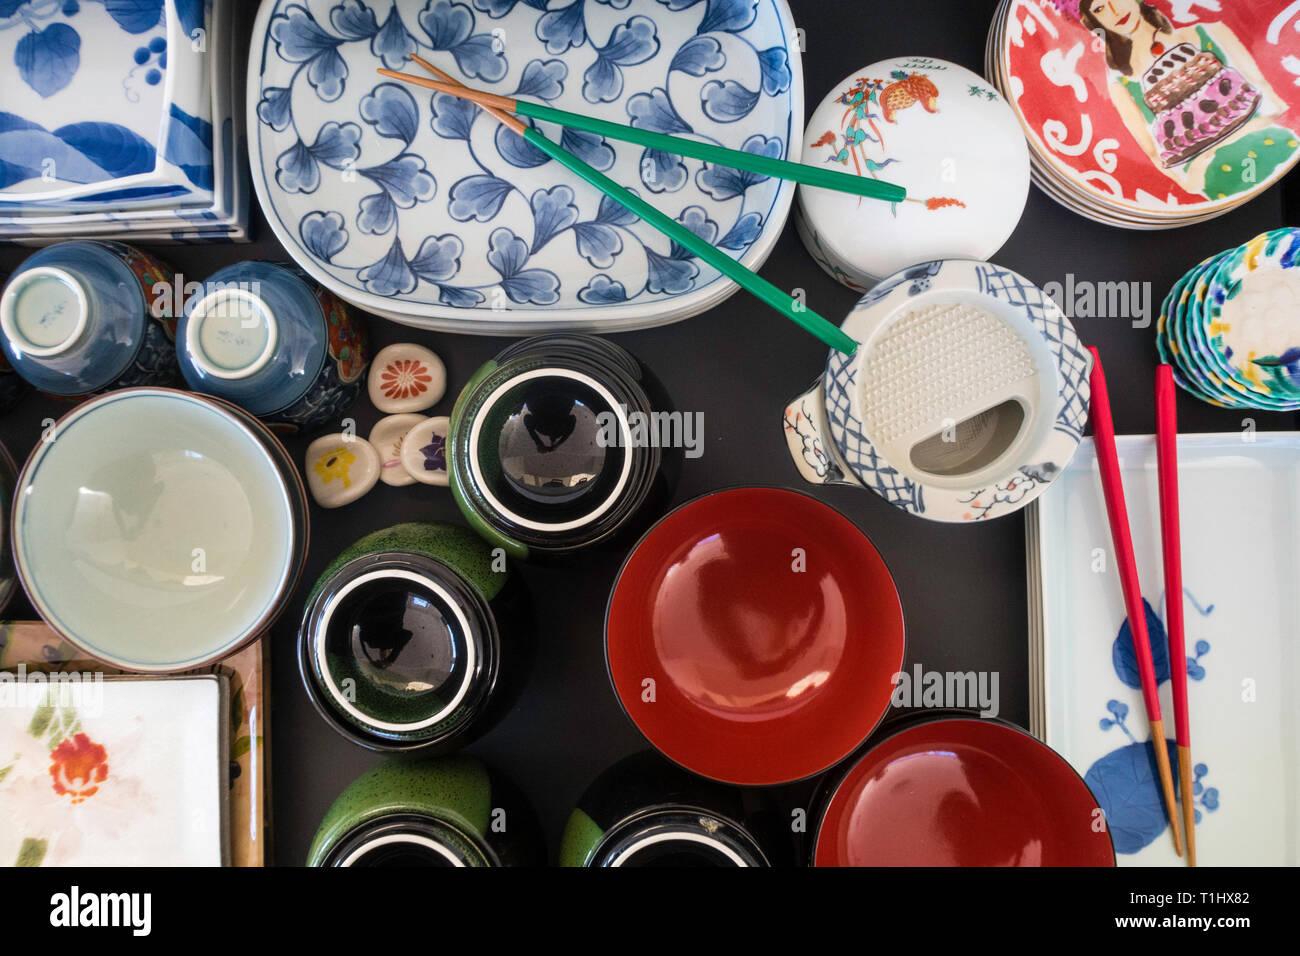 Apiladas y organizó las placas japonesas de diversas formas y tamaños, EE.UU. Foto de stock